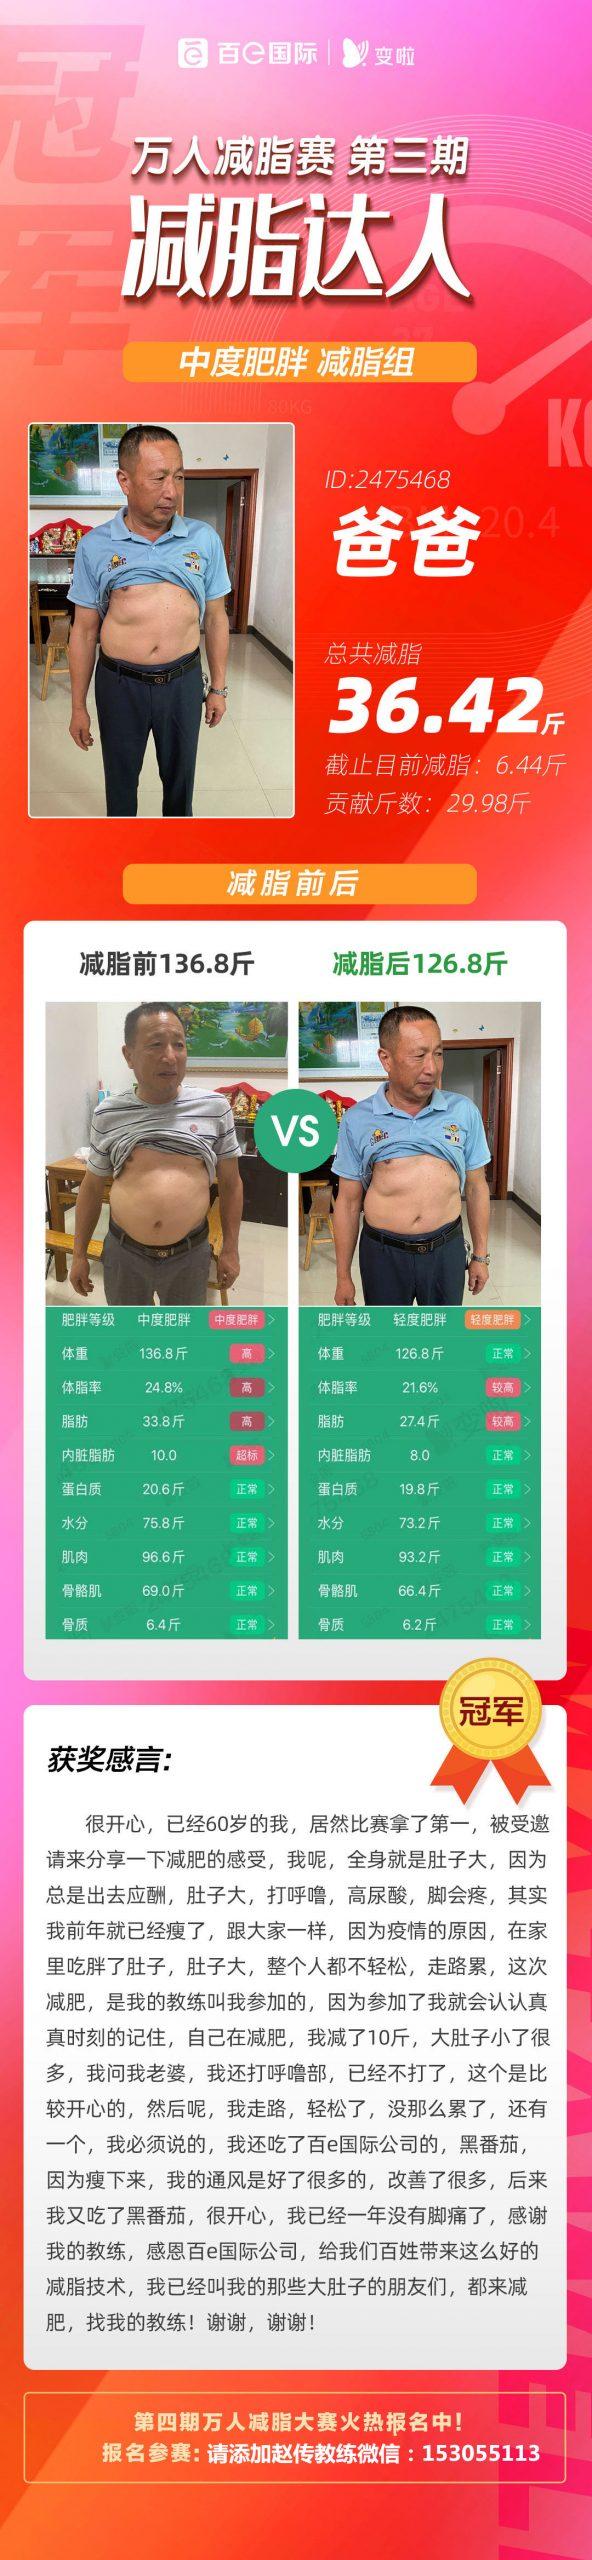 变啦减脂技术解决了肥胖的困扰